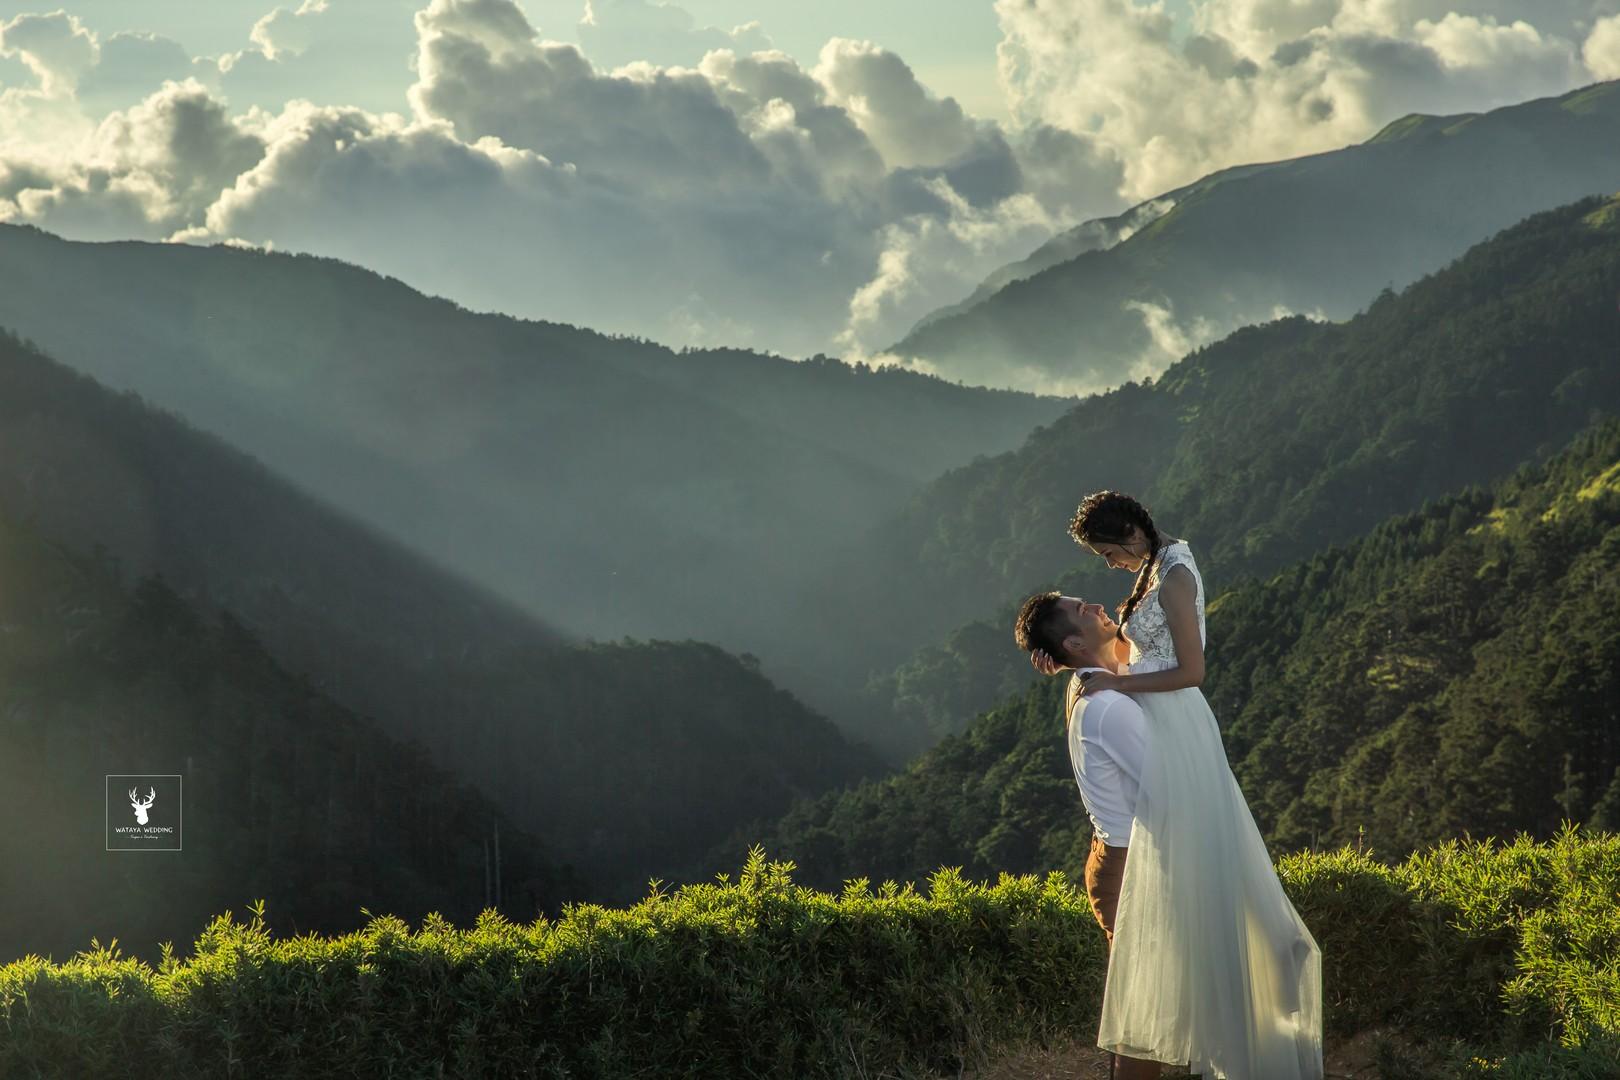 婚紗外拍景點:高山